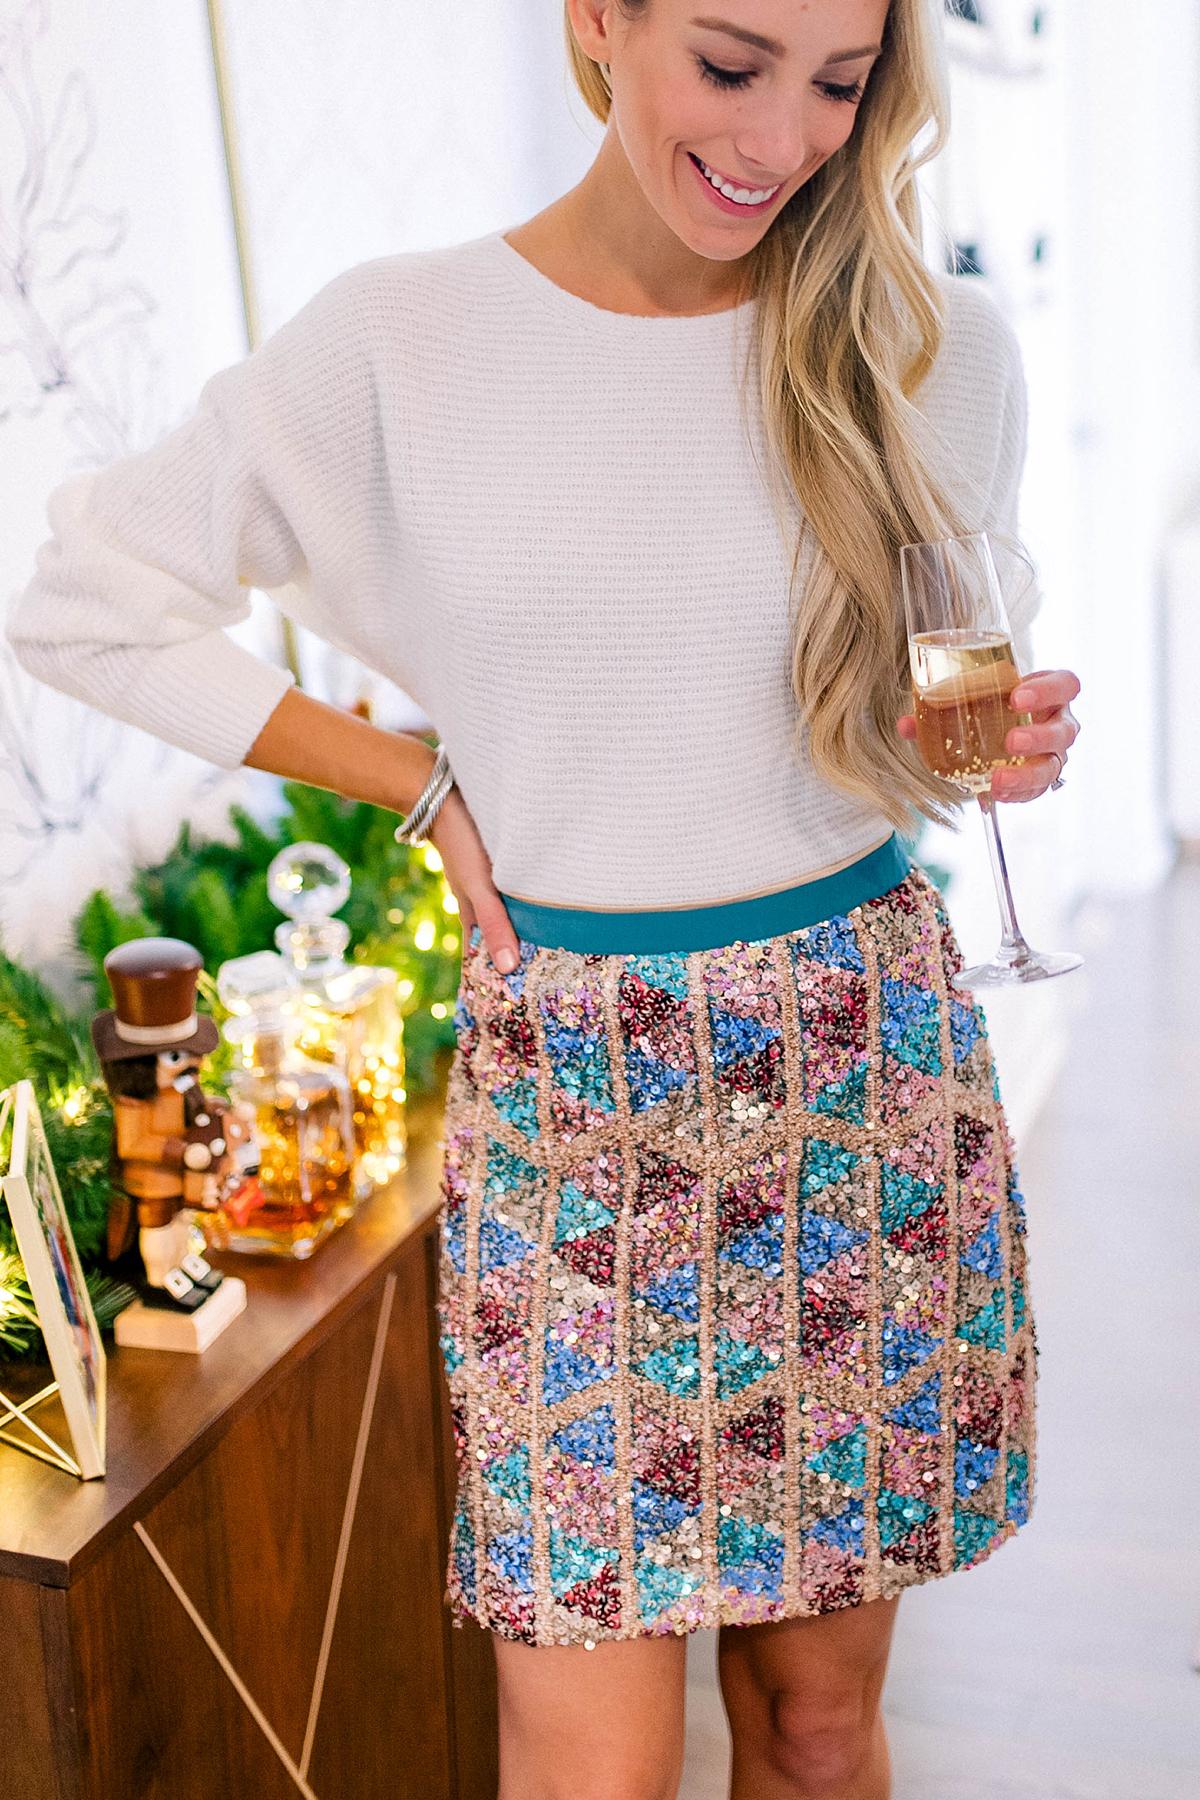 Anthropologie Sequin Skirt